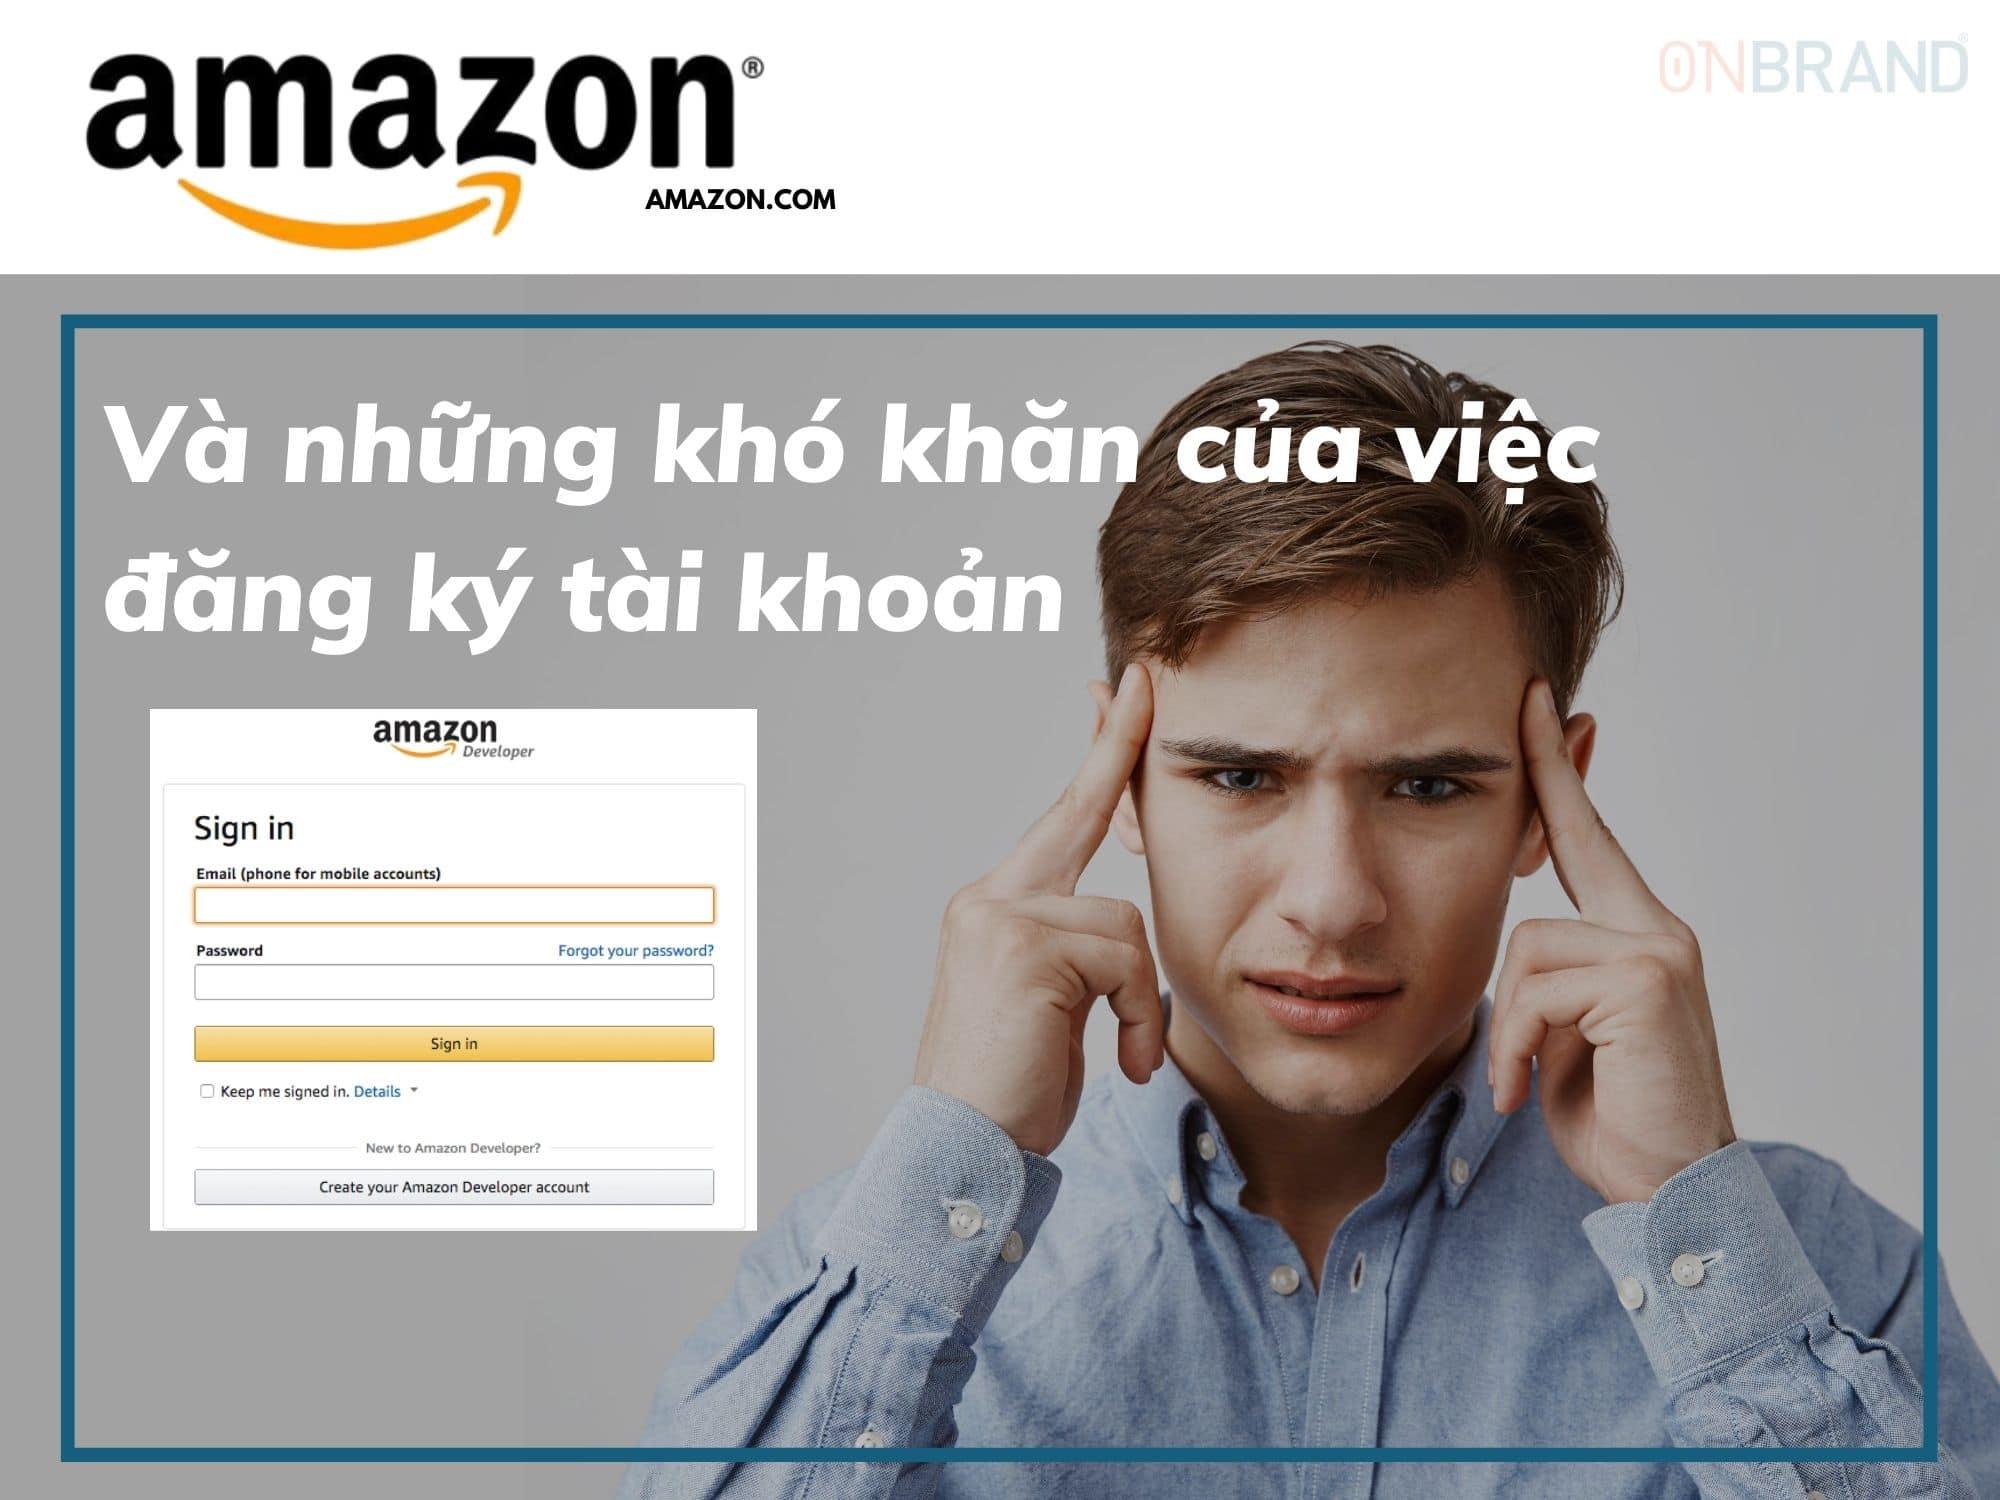 Đăng ký bán hàng trên Amazon tại Việt Nam và những sai lầm của doanh nghiệp